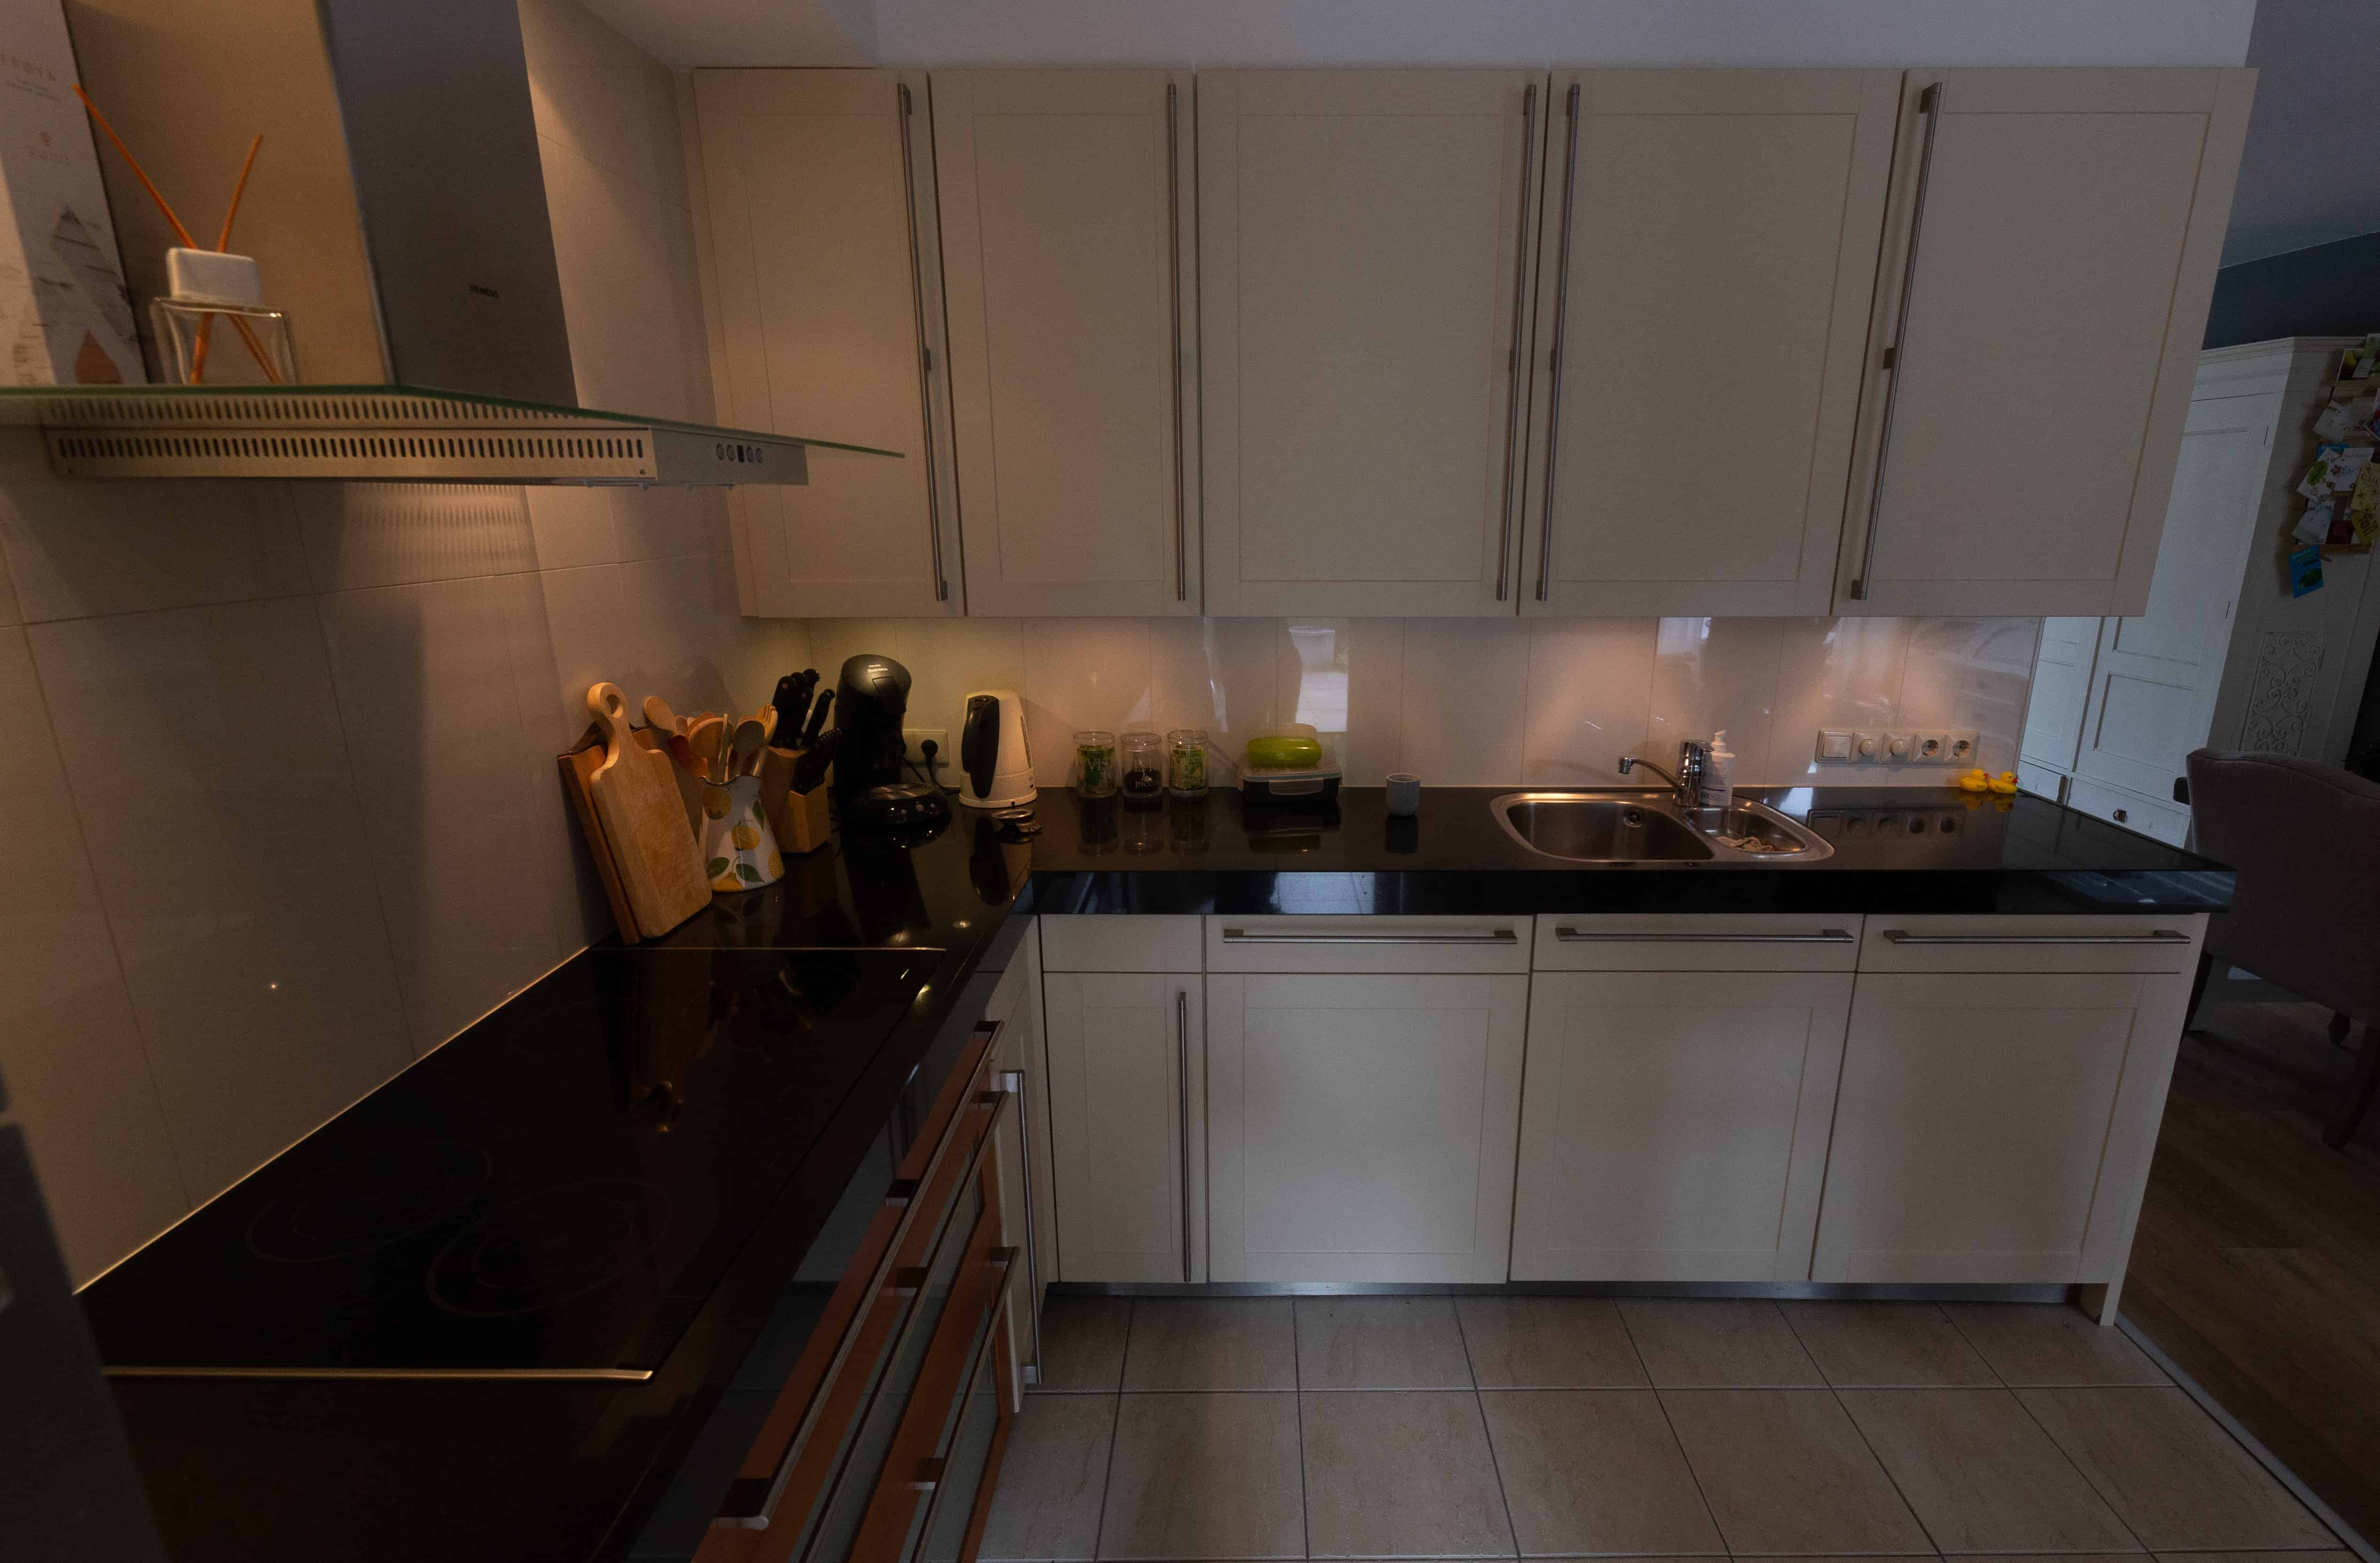 keukenrenovatie voorbeeld voor